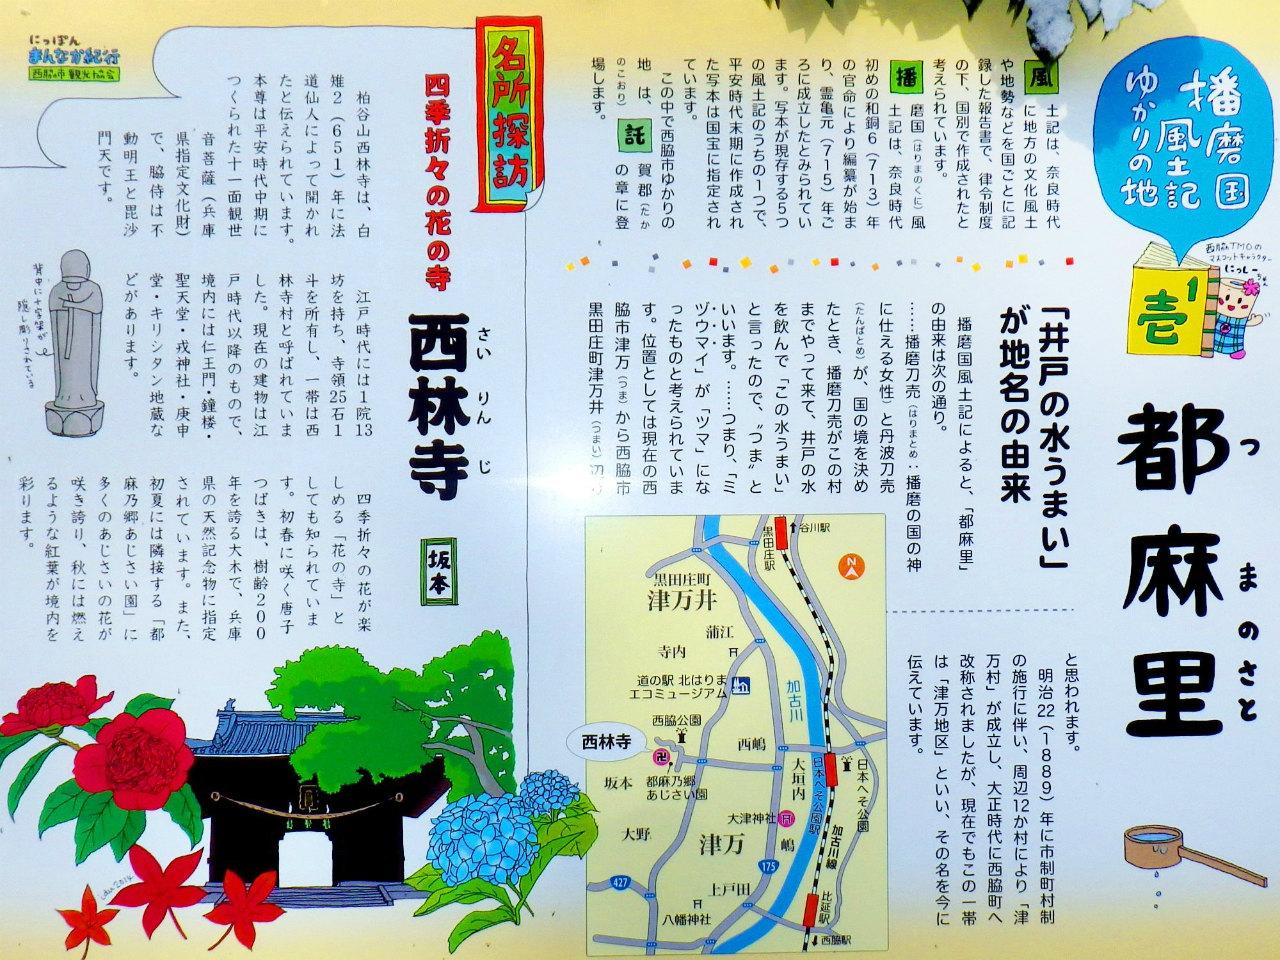 02a 西林寺への案内